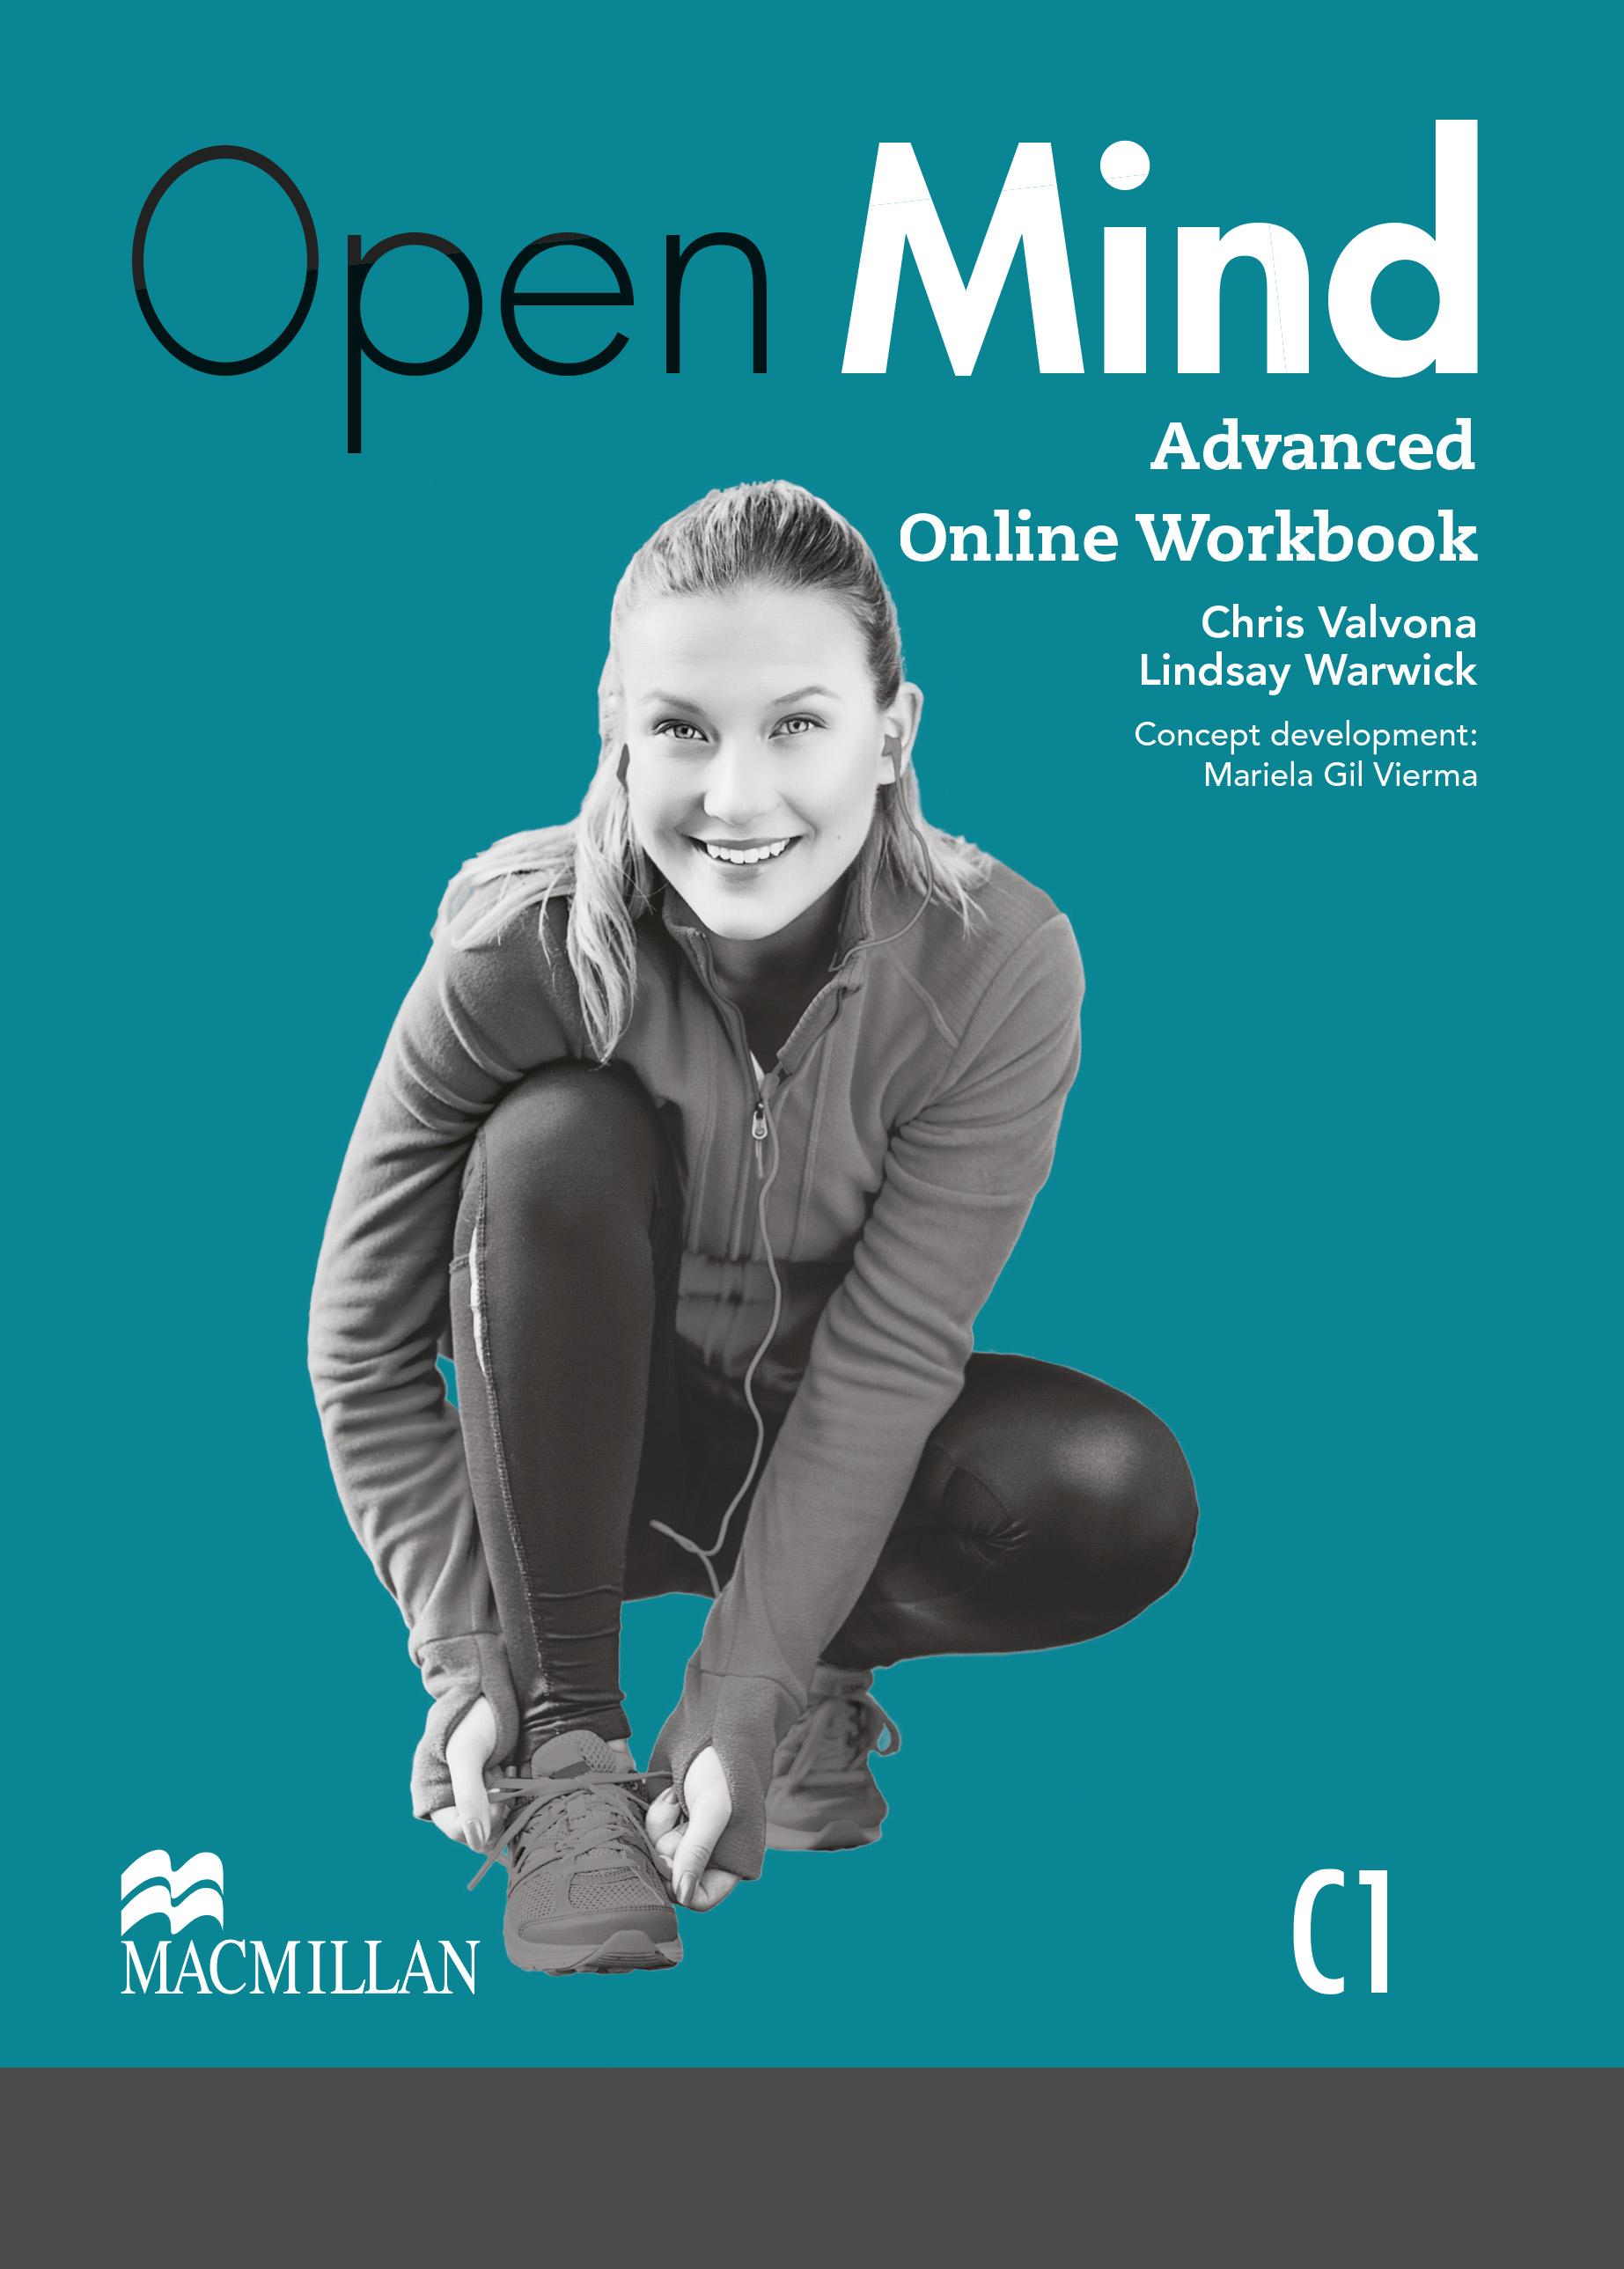 Open Mind Advanced Online Workbook